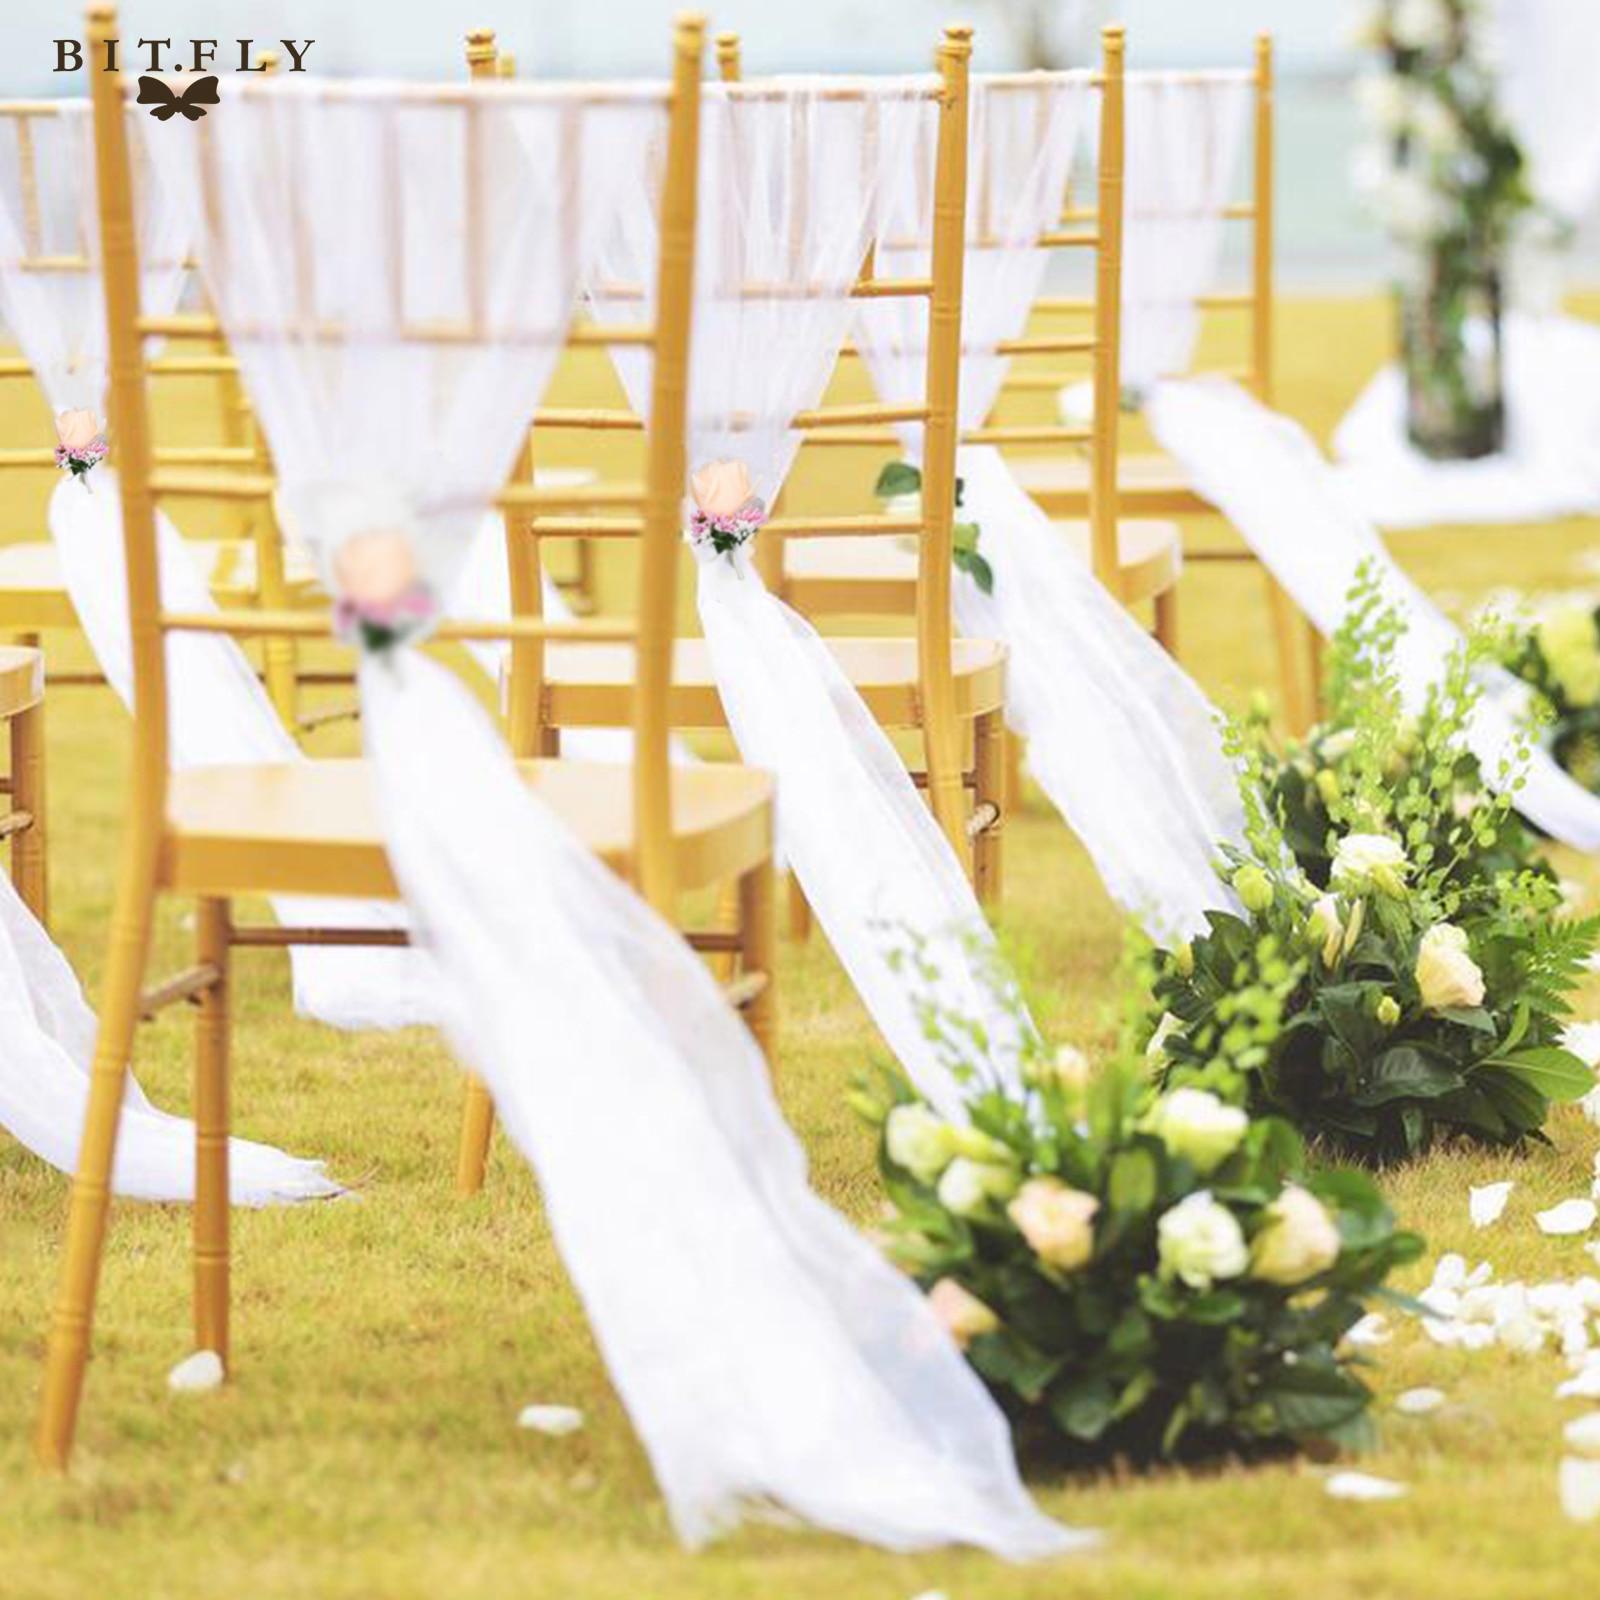 Wedding Chair Alibaba Cushion Covers Target Romantic Beach Theme 30pcs White Organza